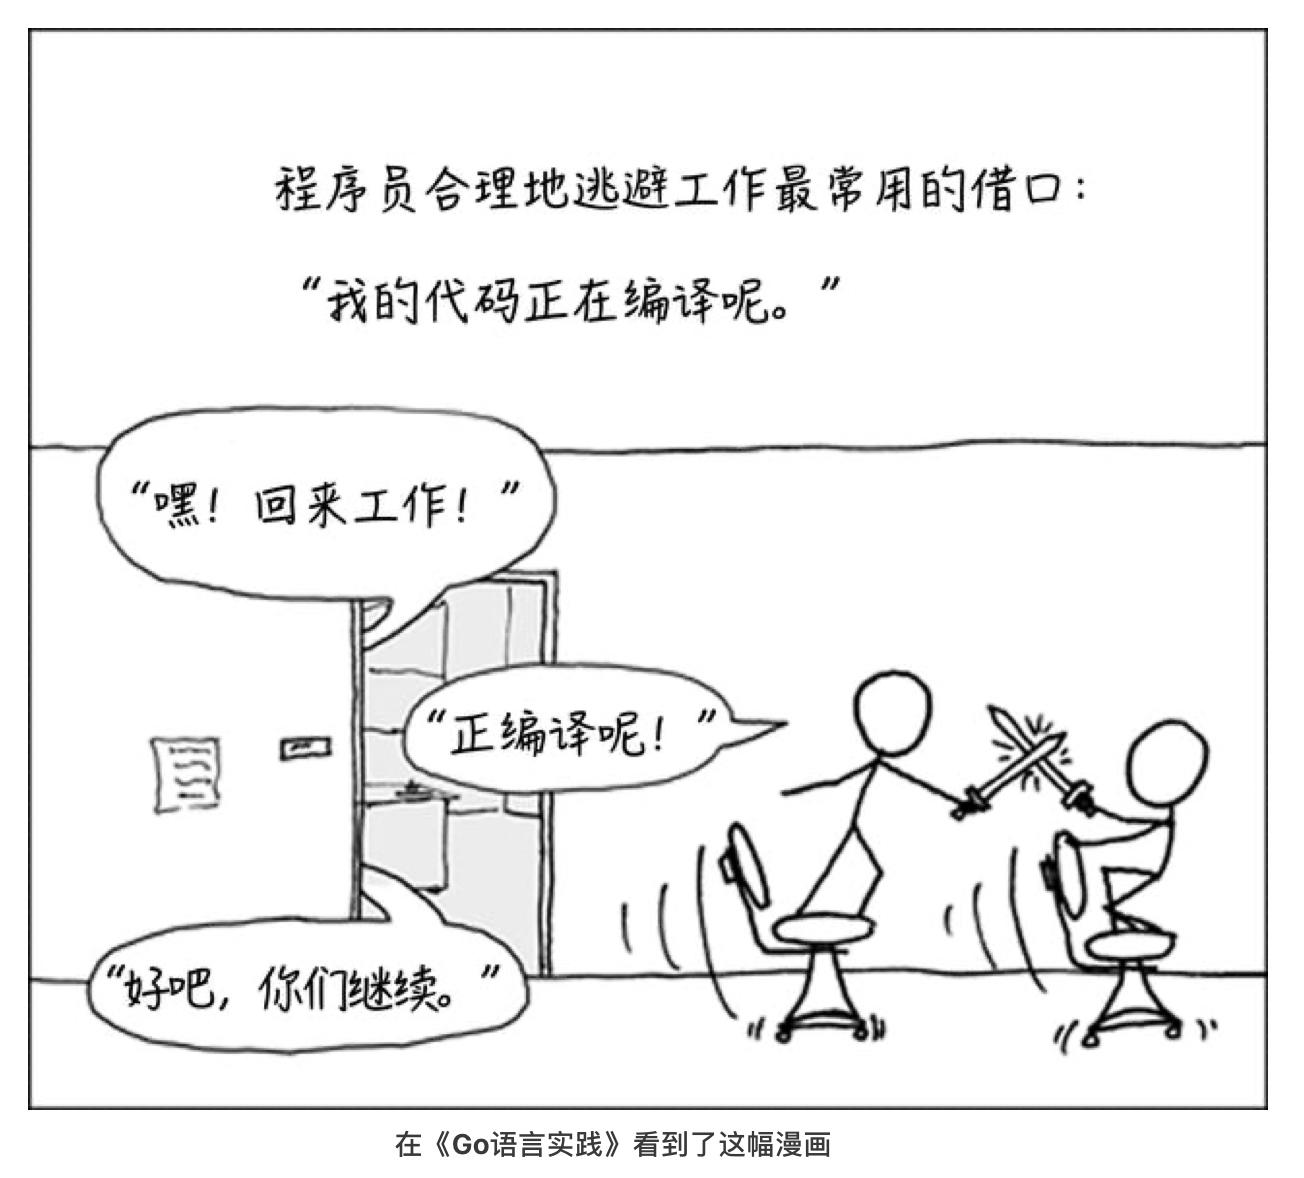 Go语言学习笔记:抓取XKCD中文站的漫画